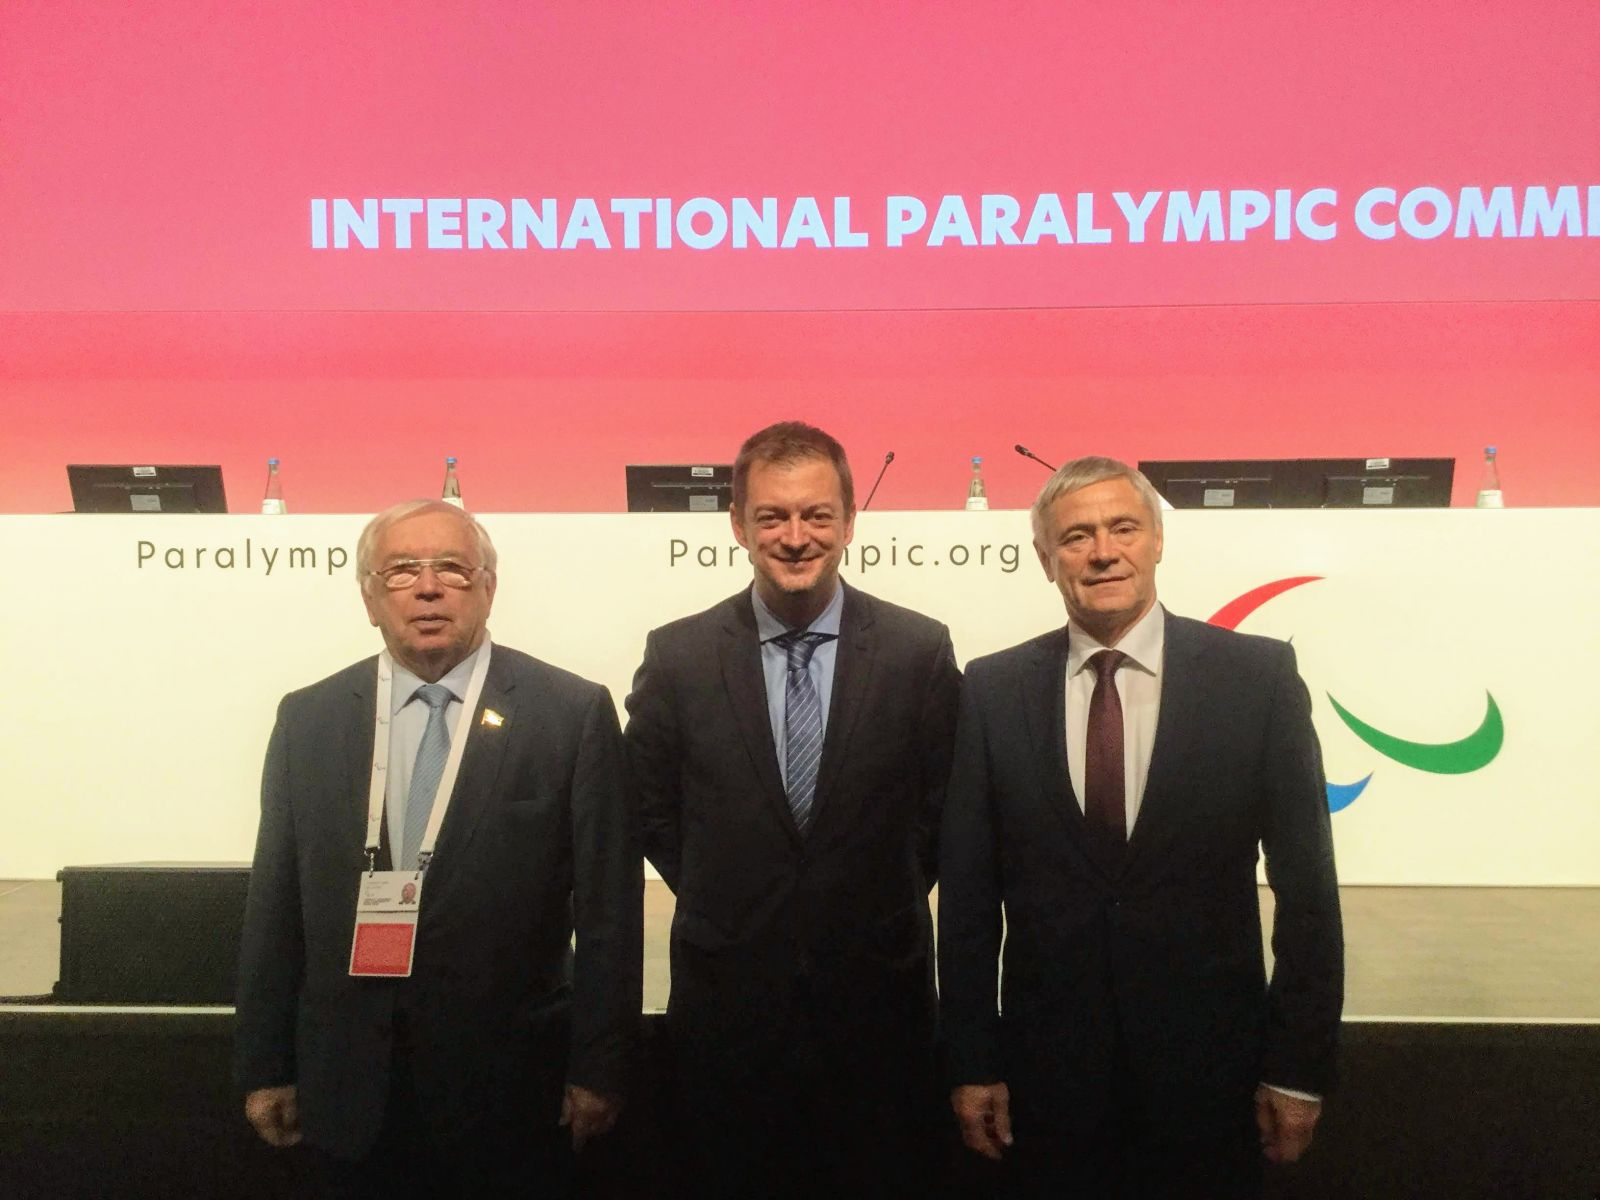 В.П. Лукин, П.А. Рожков в рамках Генеральной Ассамблеи МПК встретились с президентом МПК Эндрю Парсонсом